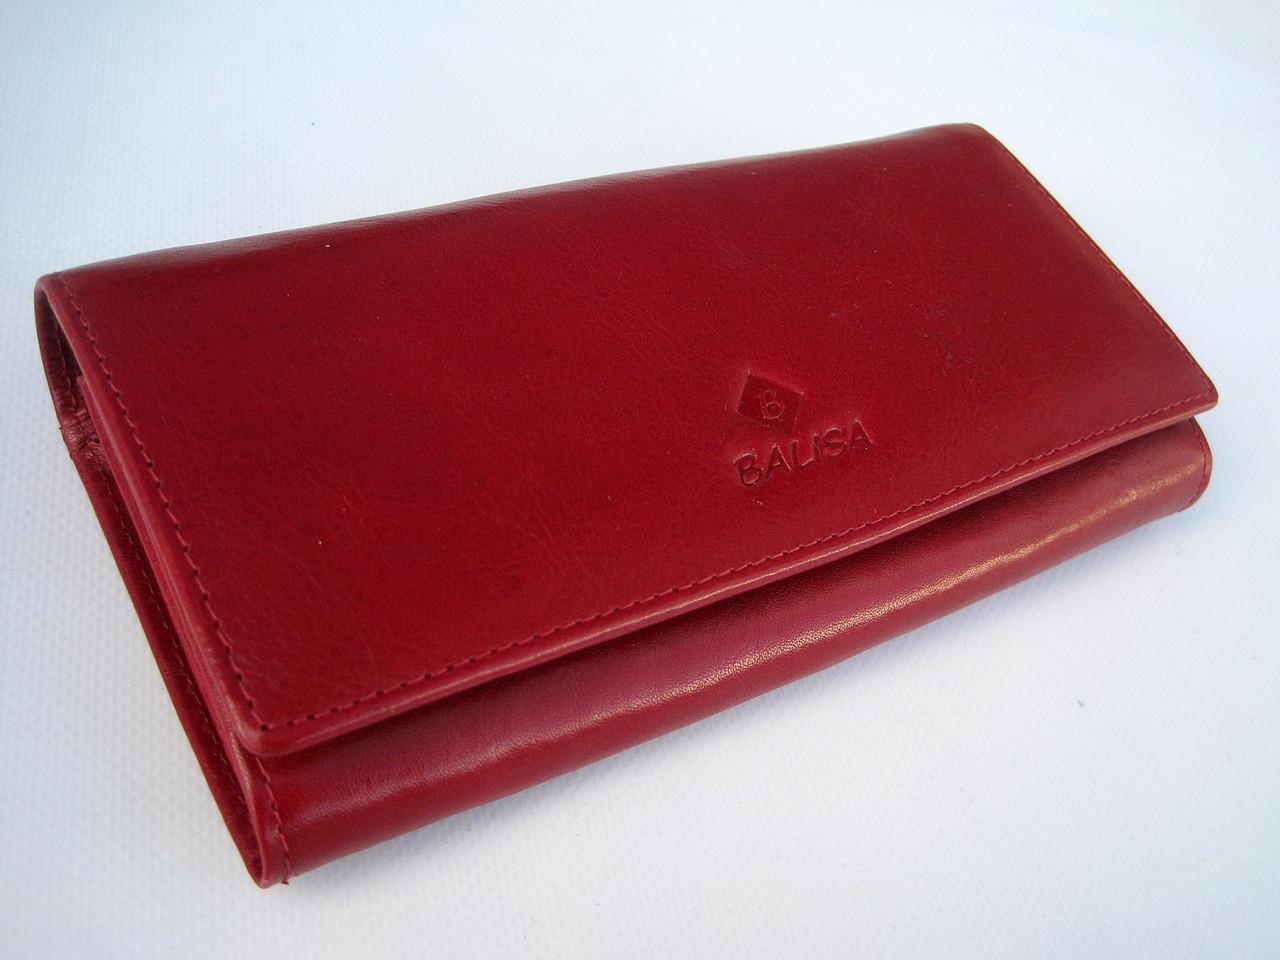 Женский кожаный кошелек Balisa 826-44 красный Кошельки Balisa оптом с быстрой доставкой